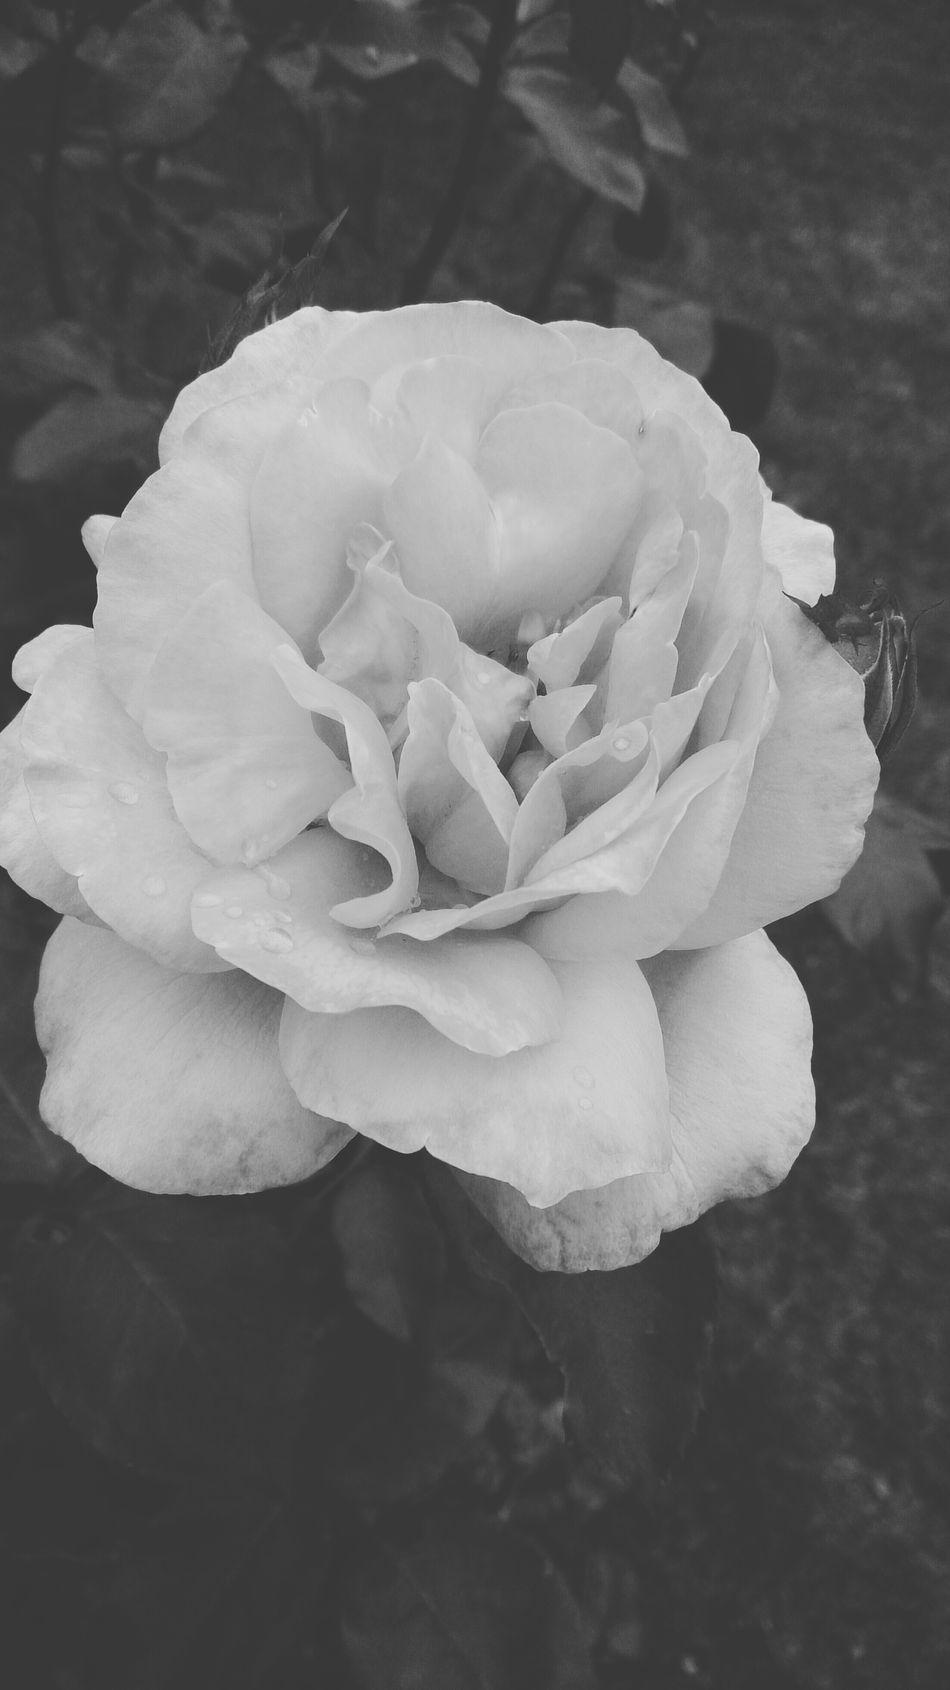 Lo hermoso verdadero y puro esta en la naturaleza